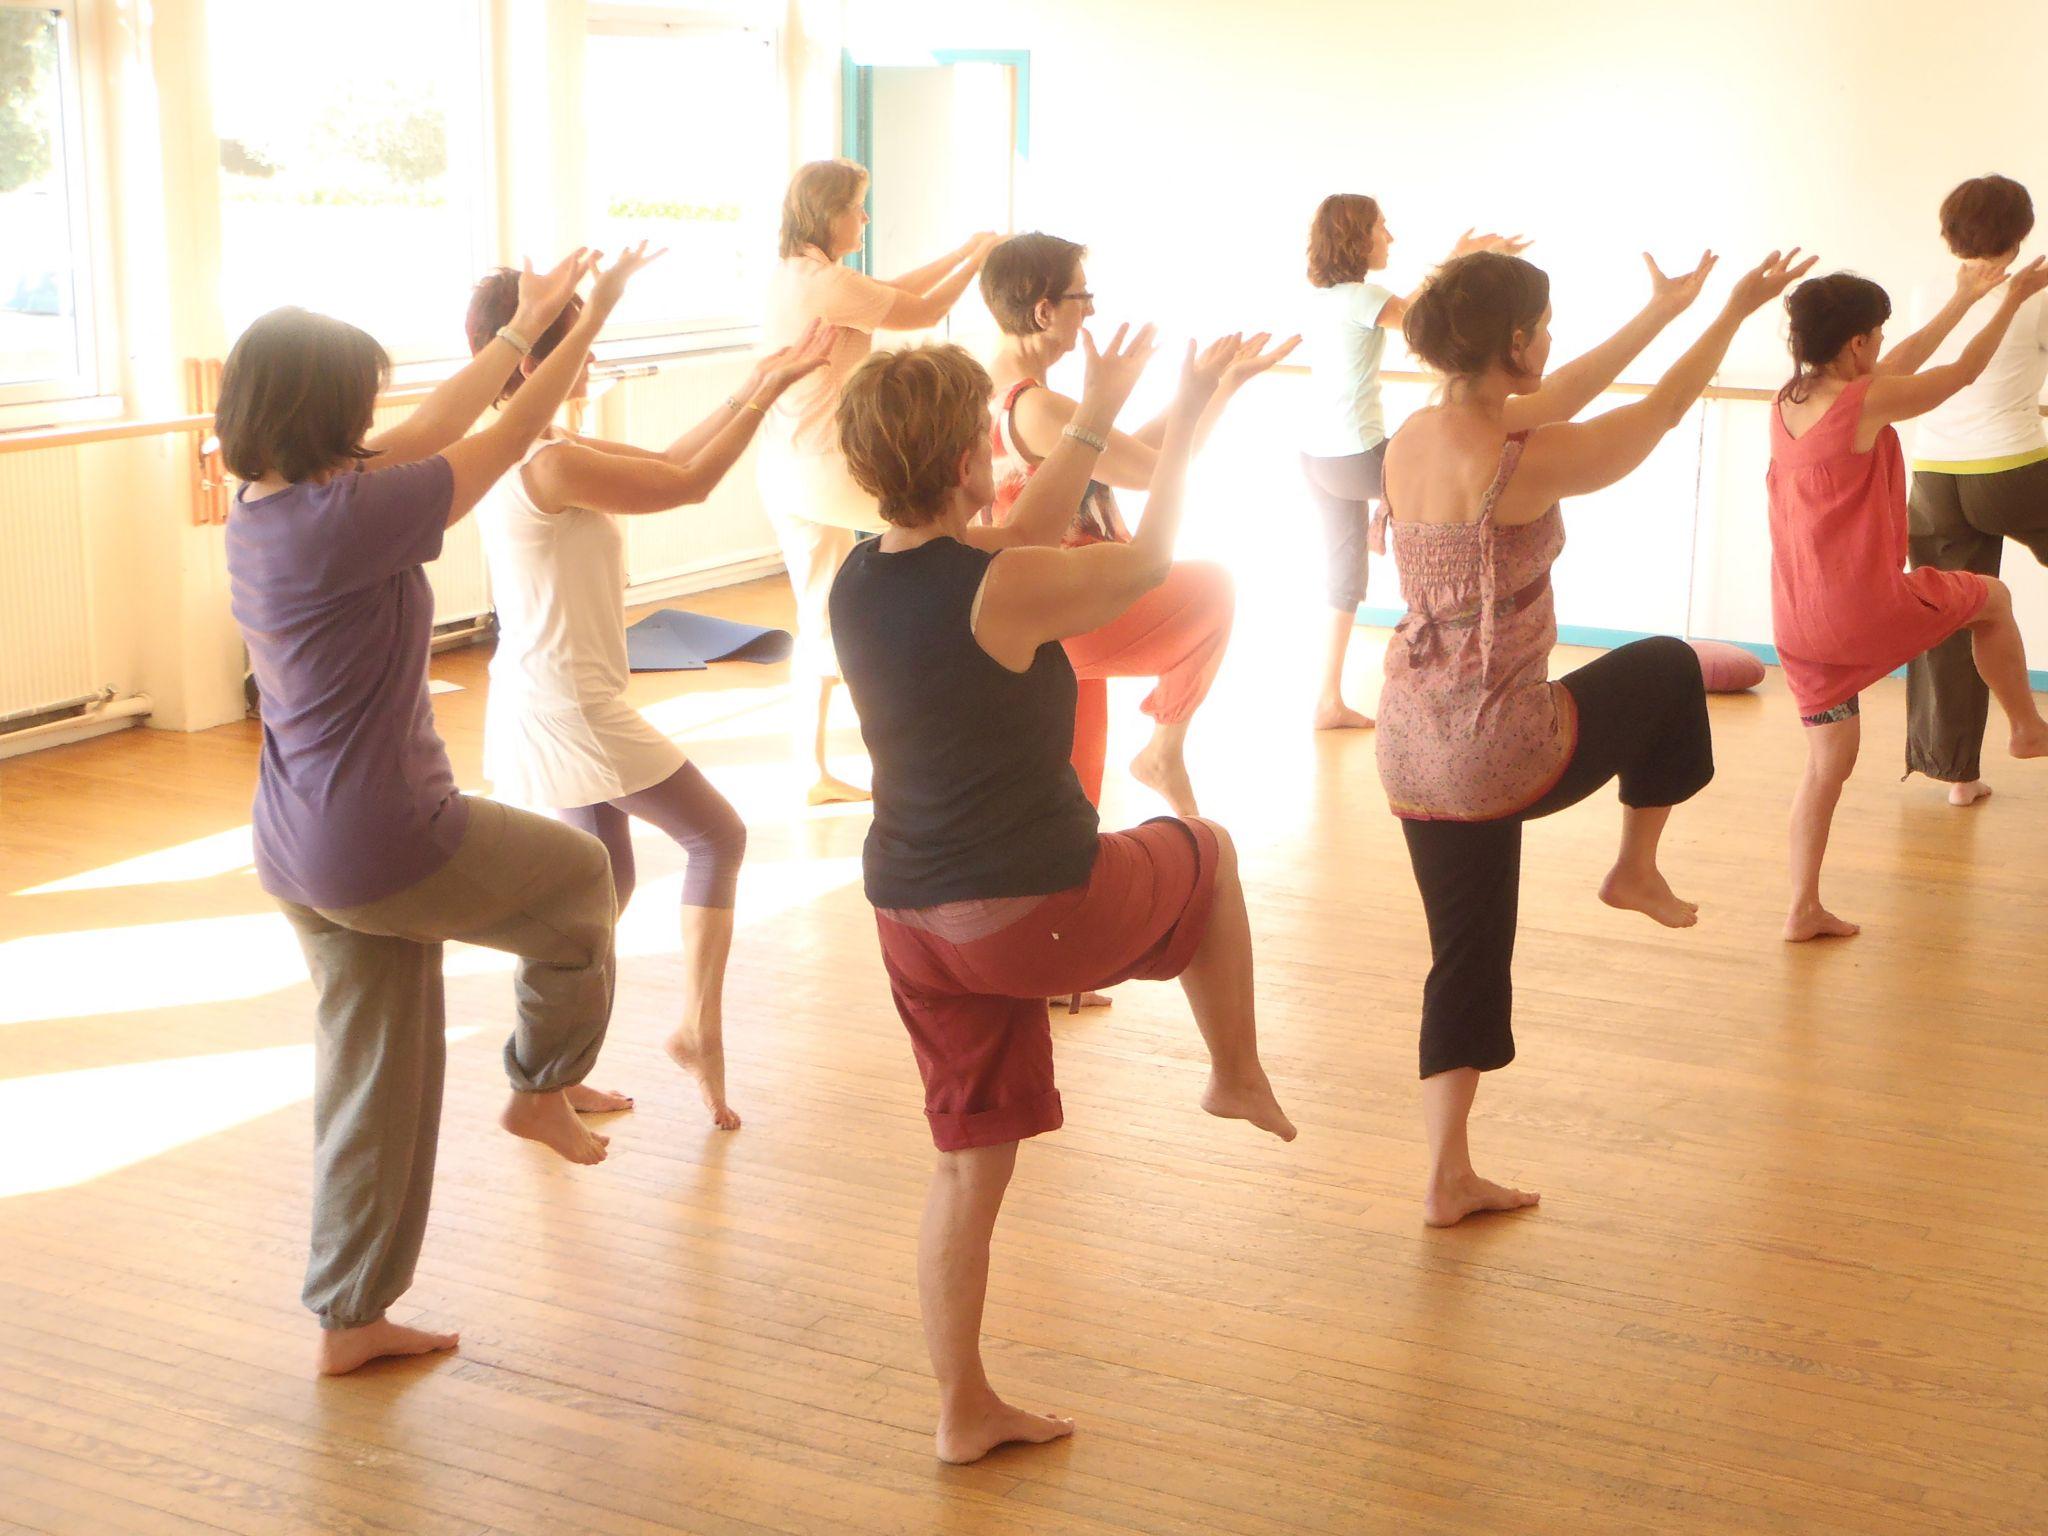 Qi gong : les participants en position de Qi gong, séance de relaxation